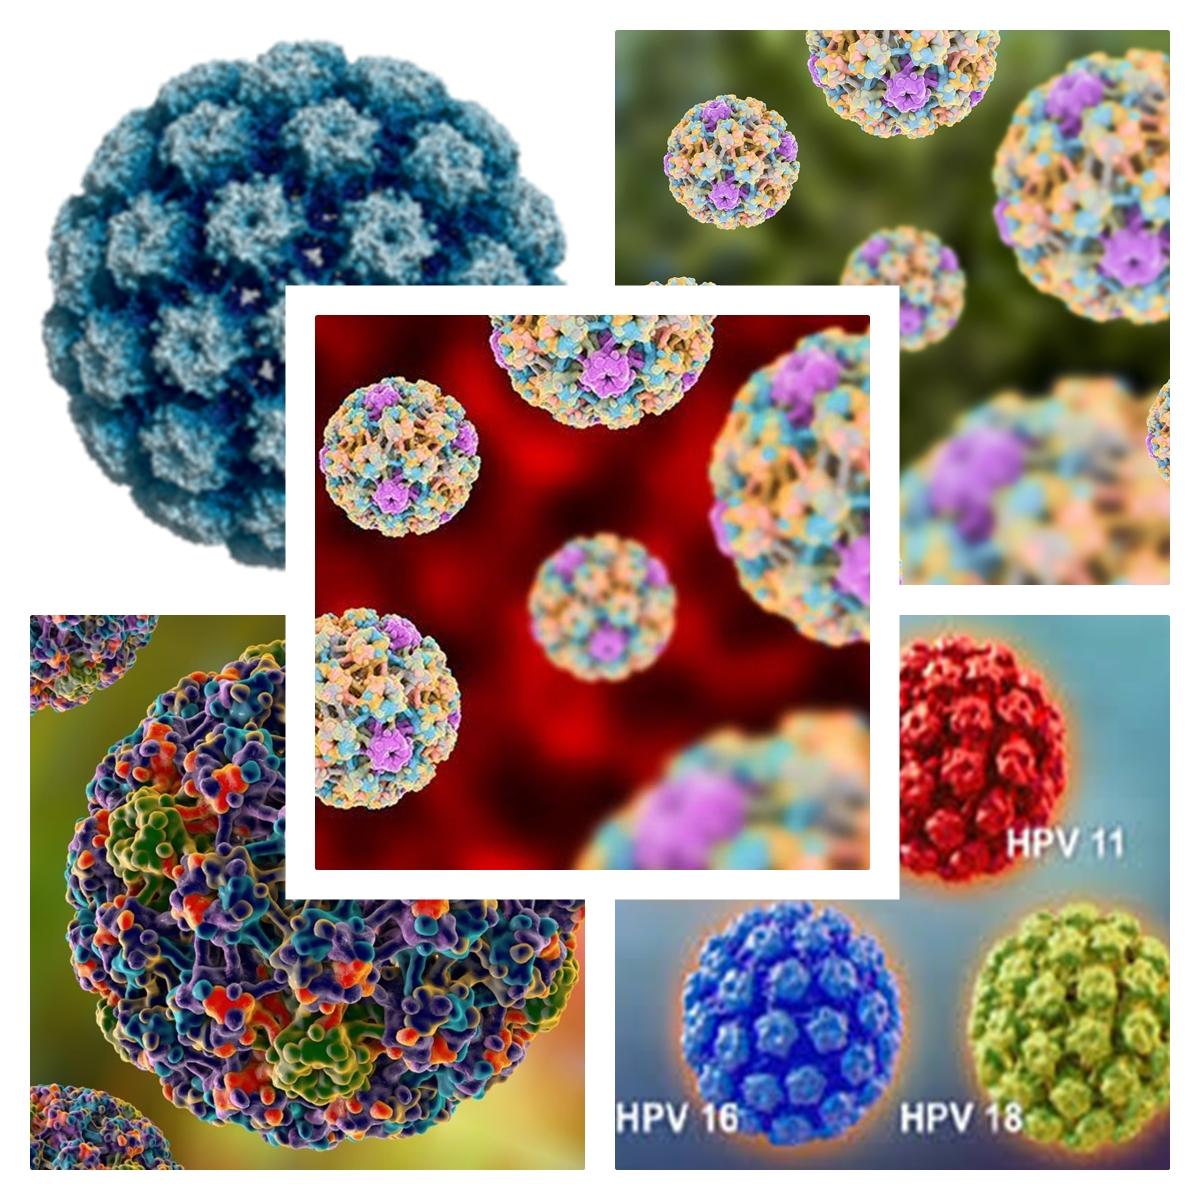 Infectia cu HPV: Cauze, simptome, tratament, preventie   Bioclinica